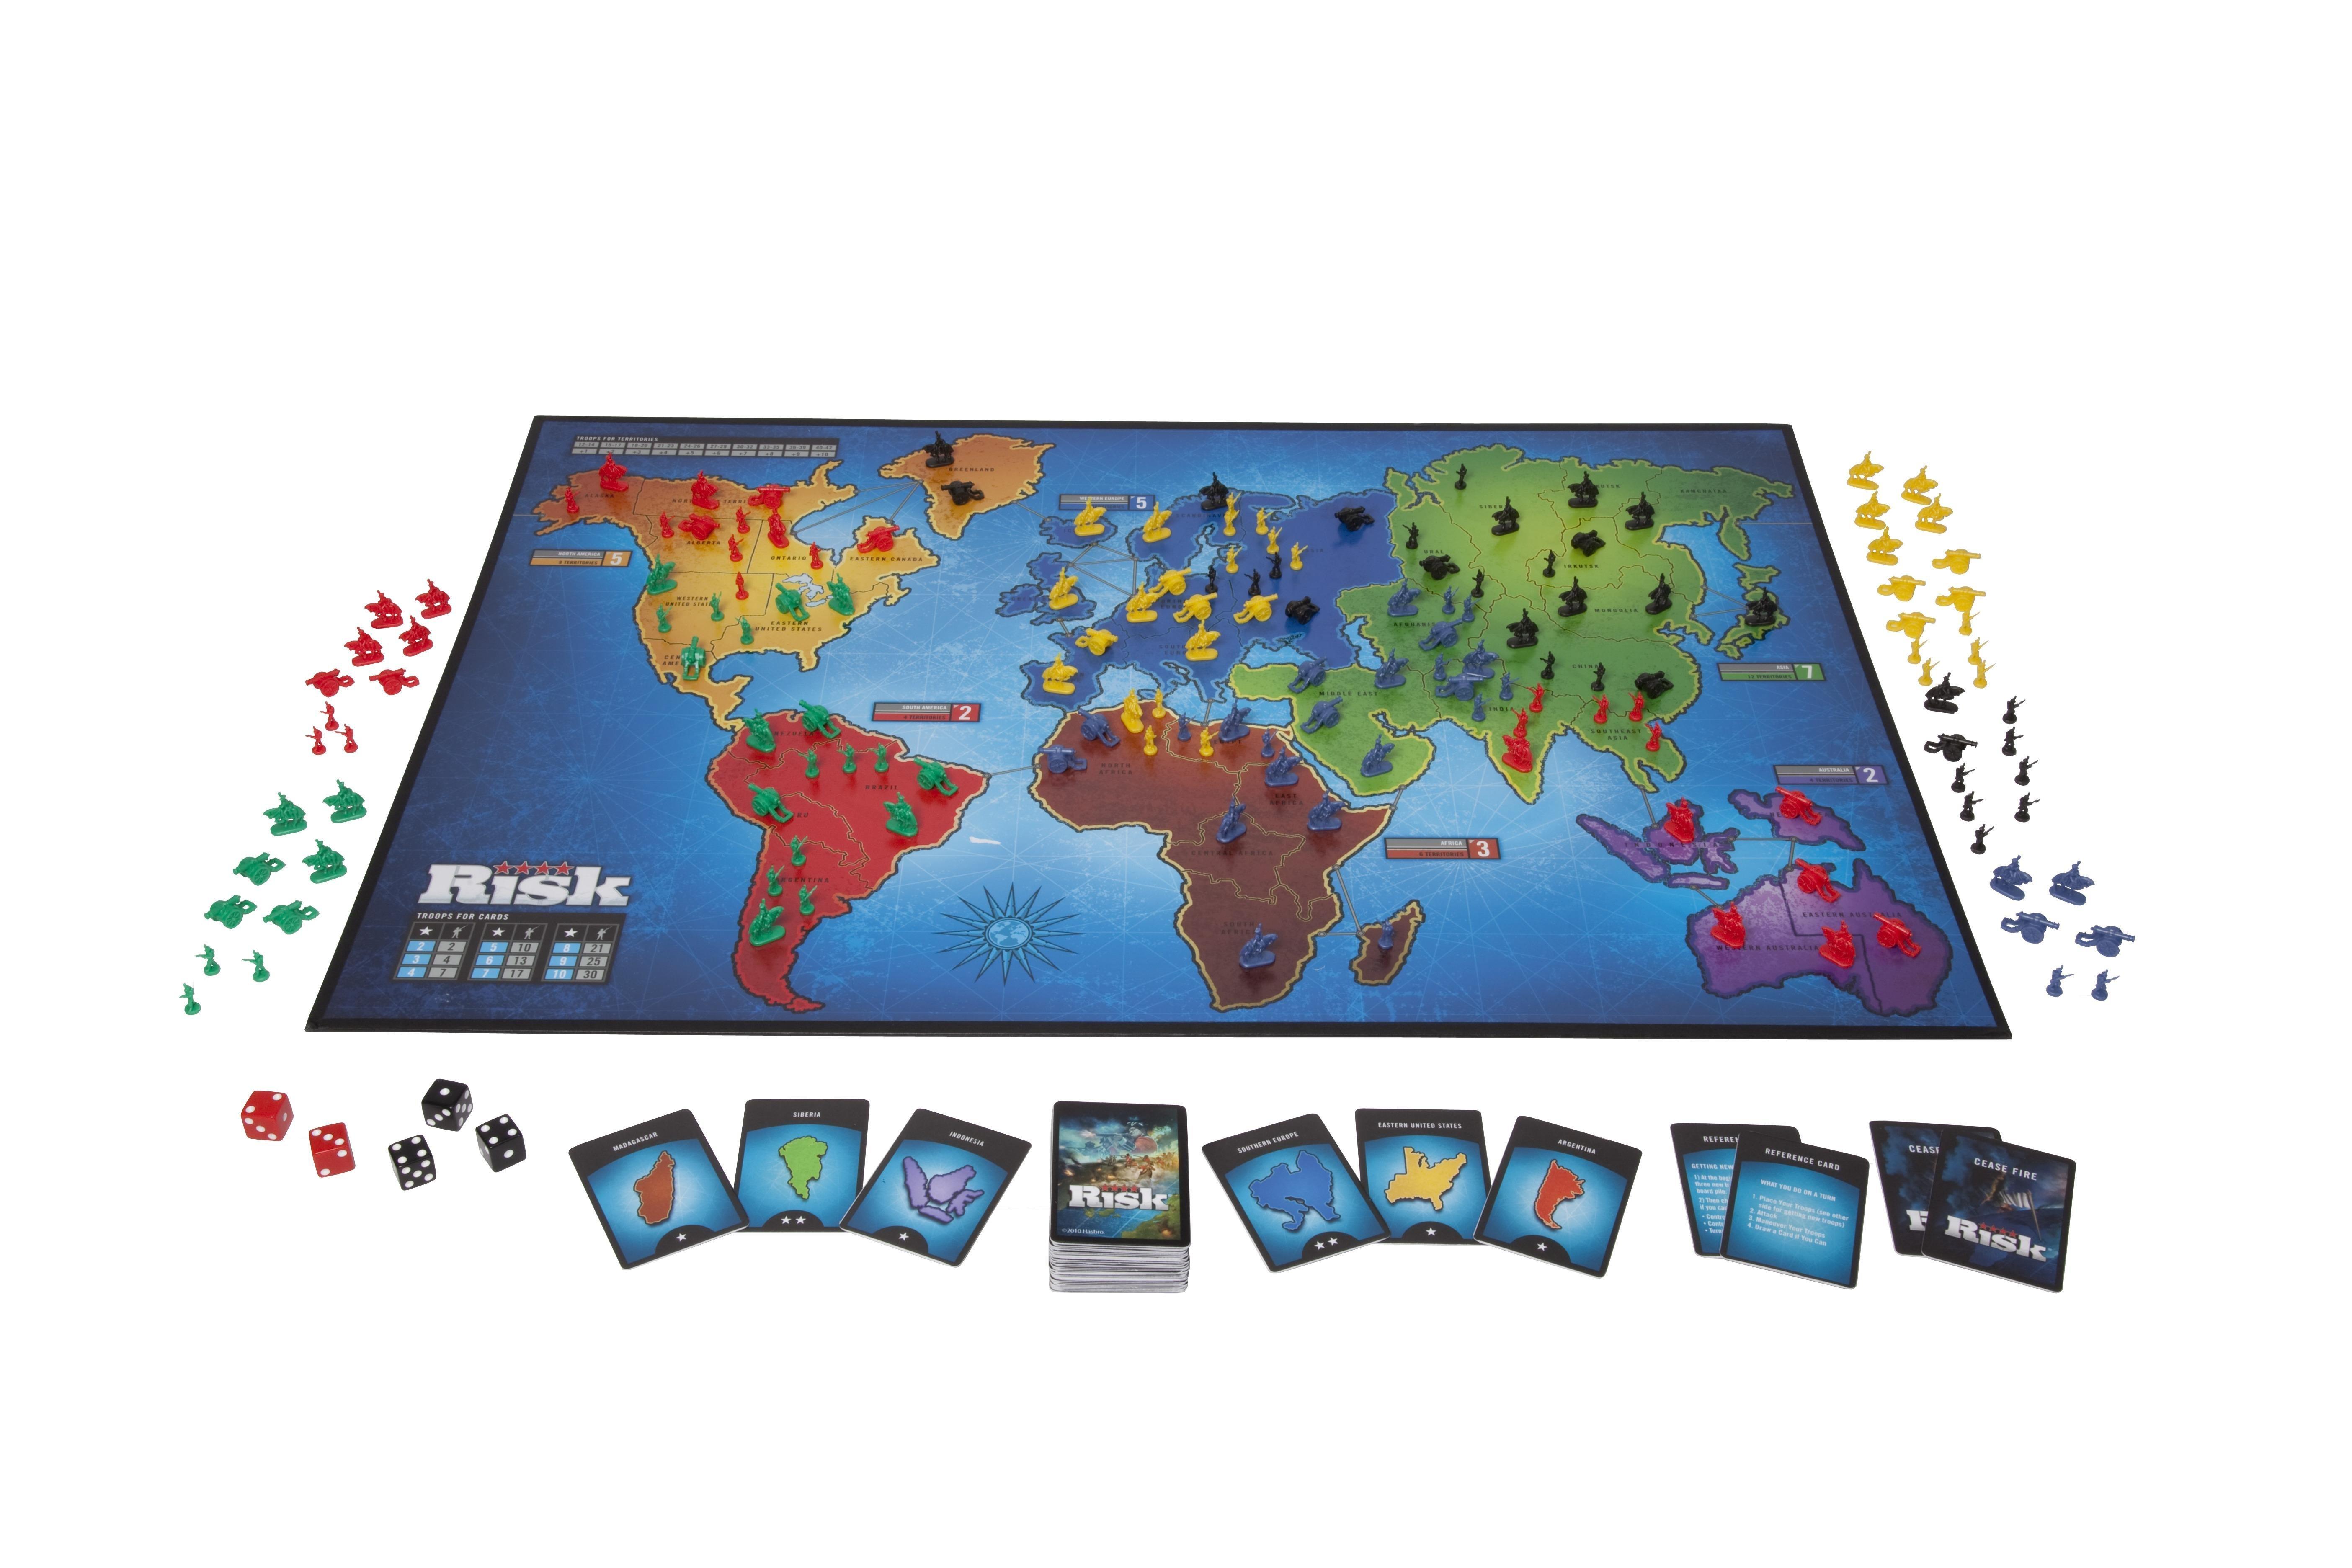 Amazon.es: Hasbro Gaming - Risk, juego de estrategia